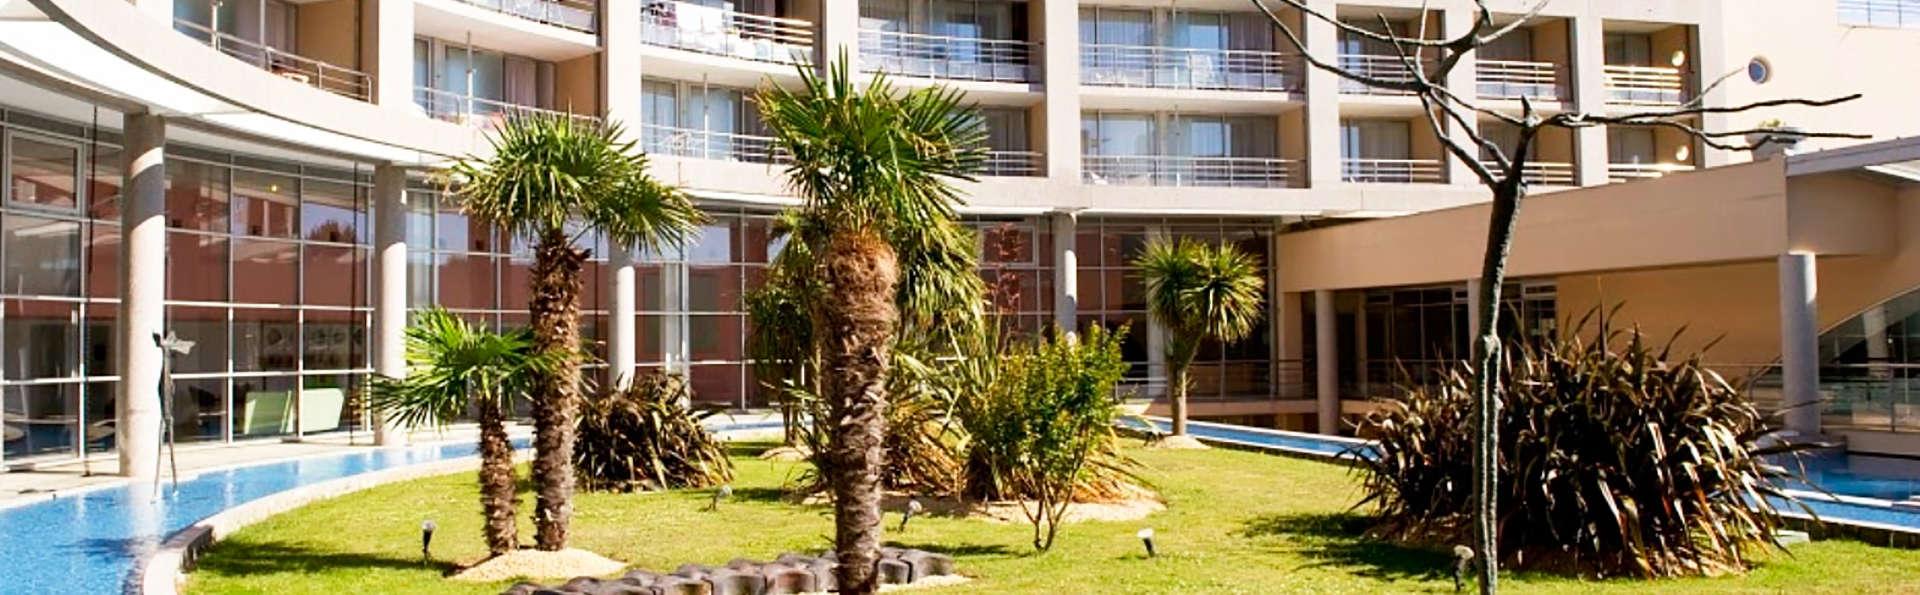 Club vacances bleues les jardins de l 39 atlantique 3 talmont saint hilaire france - Les jardins d arvor vacances bleues ...